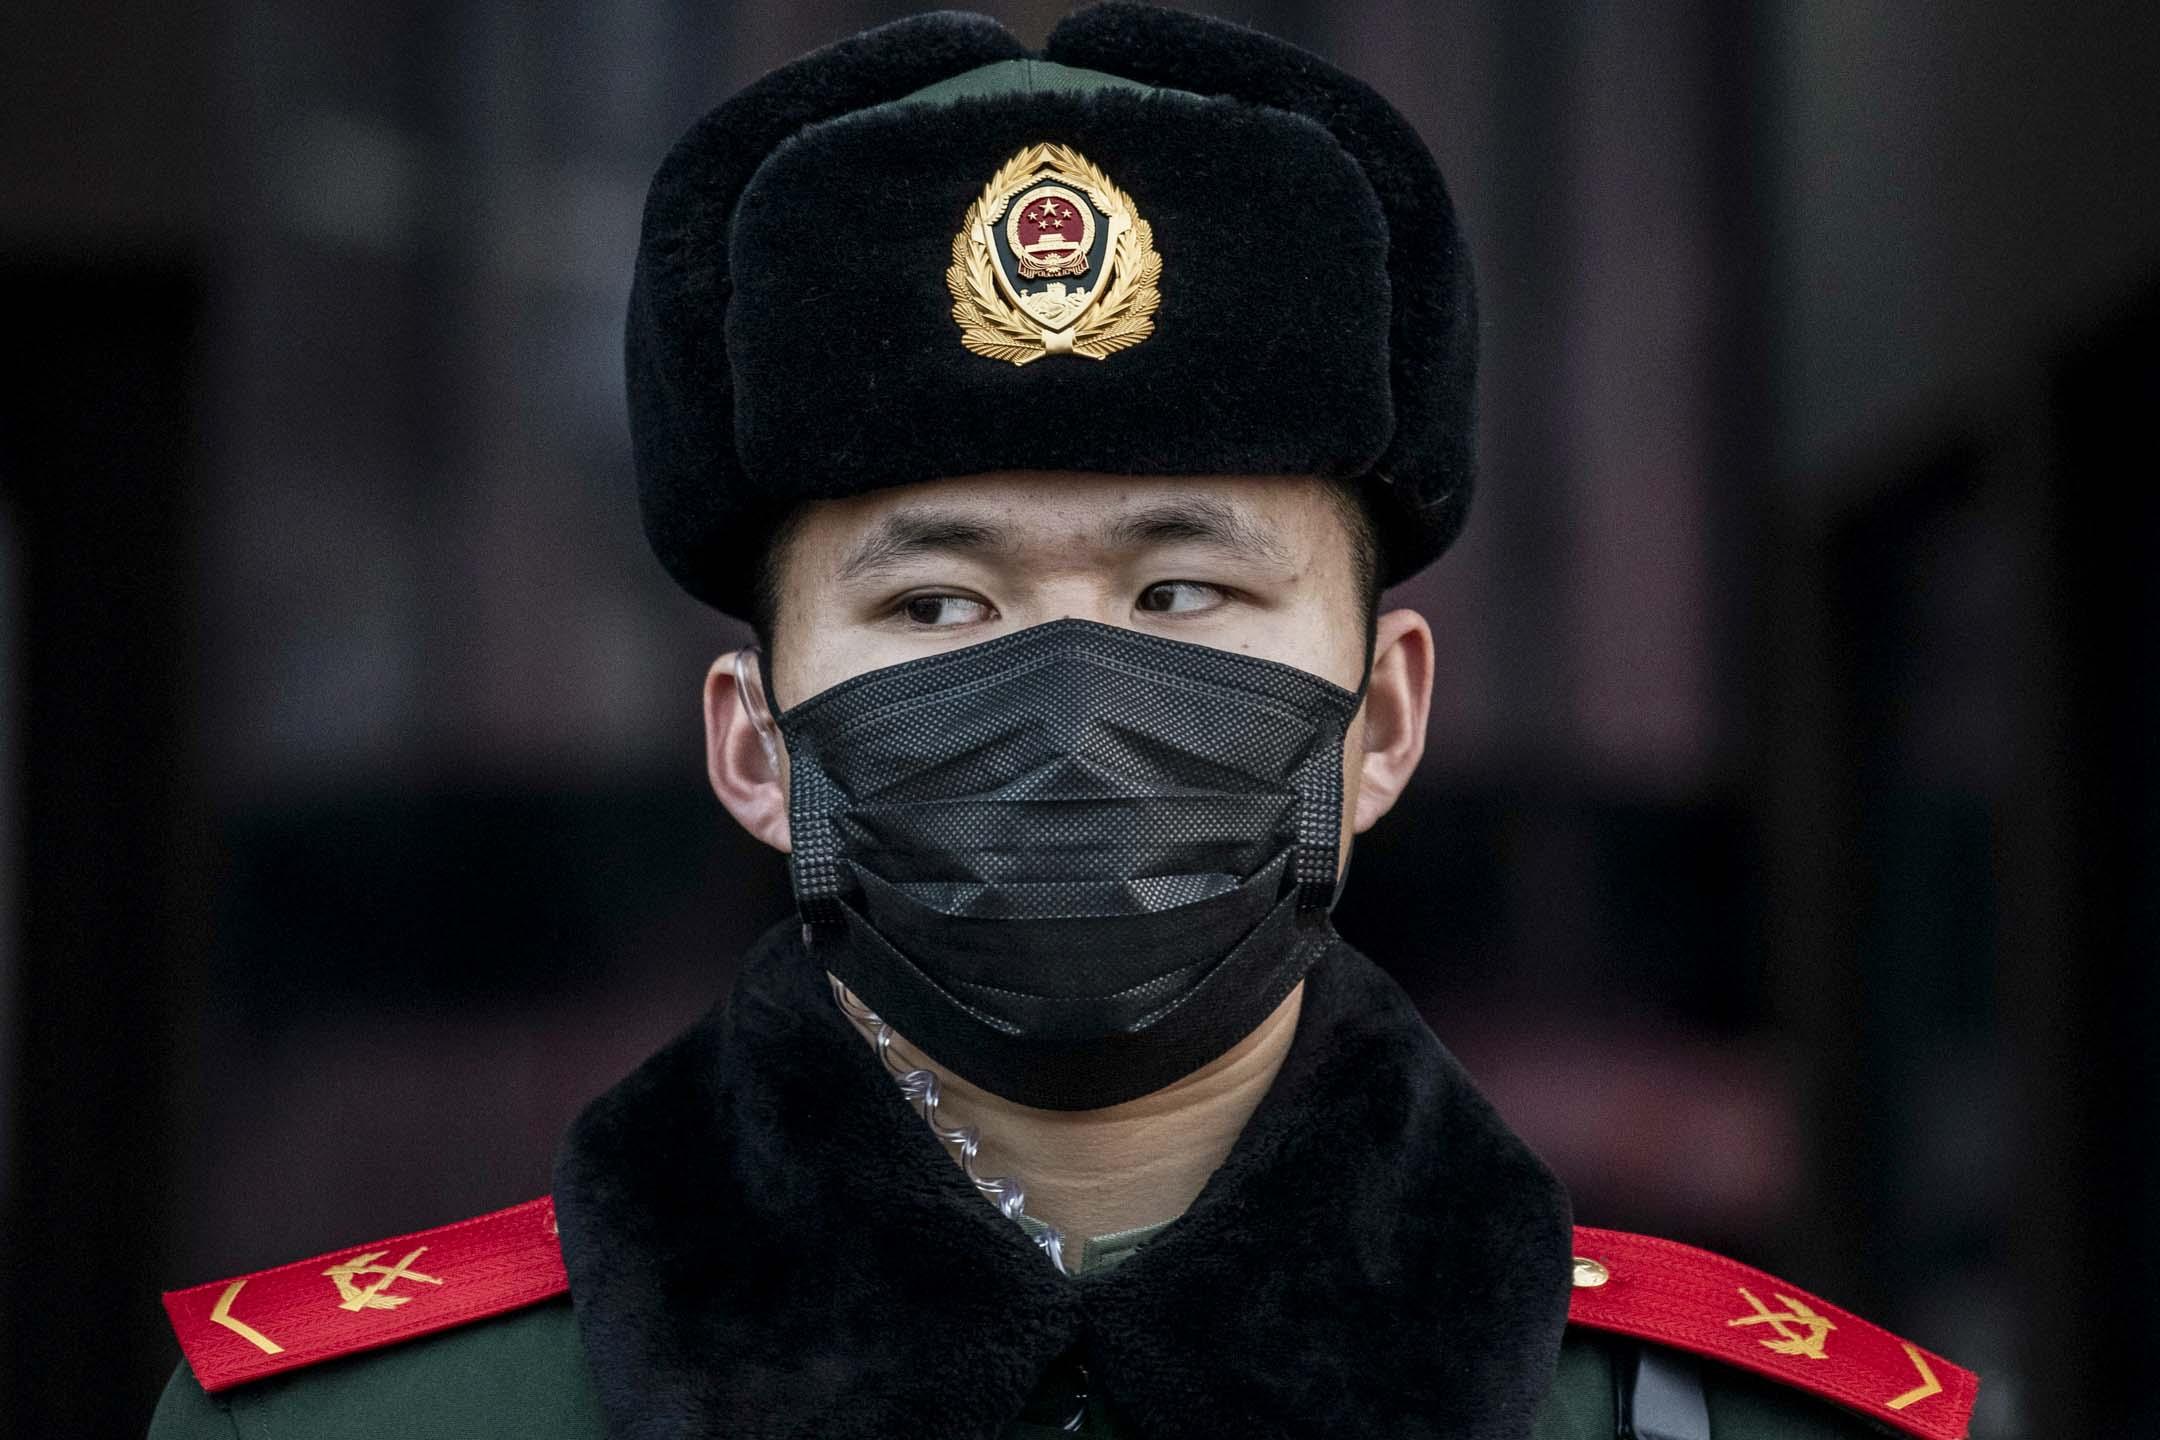 2020年1月22日,春節前夕,一名中國警官在北京火車站站崗時戴著口罩。  攝:Kevin Frayer/Getty Images